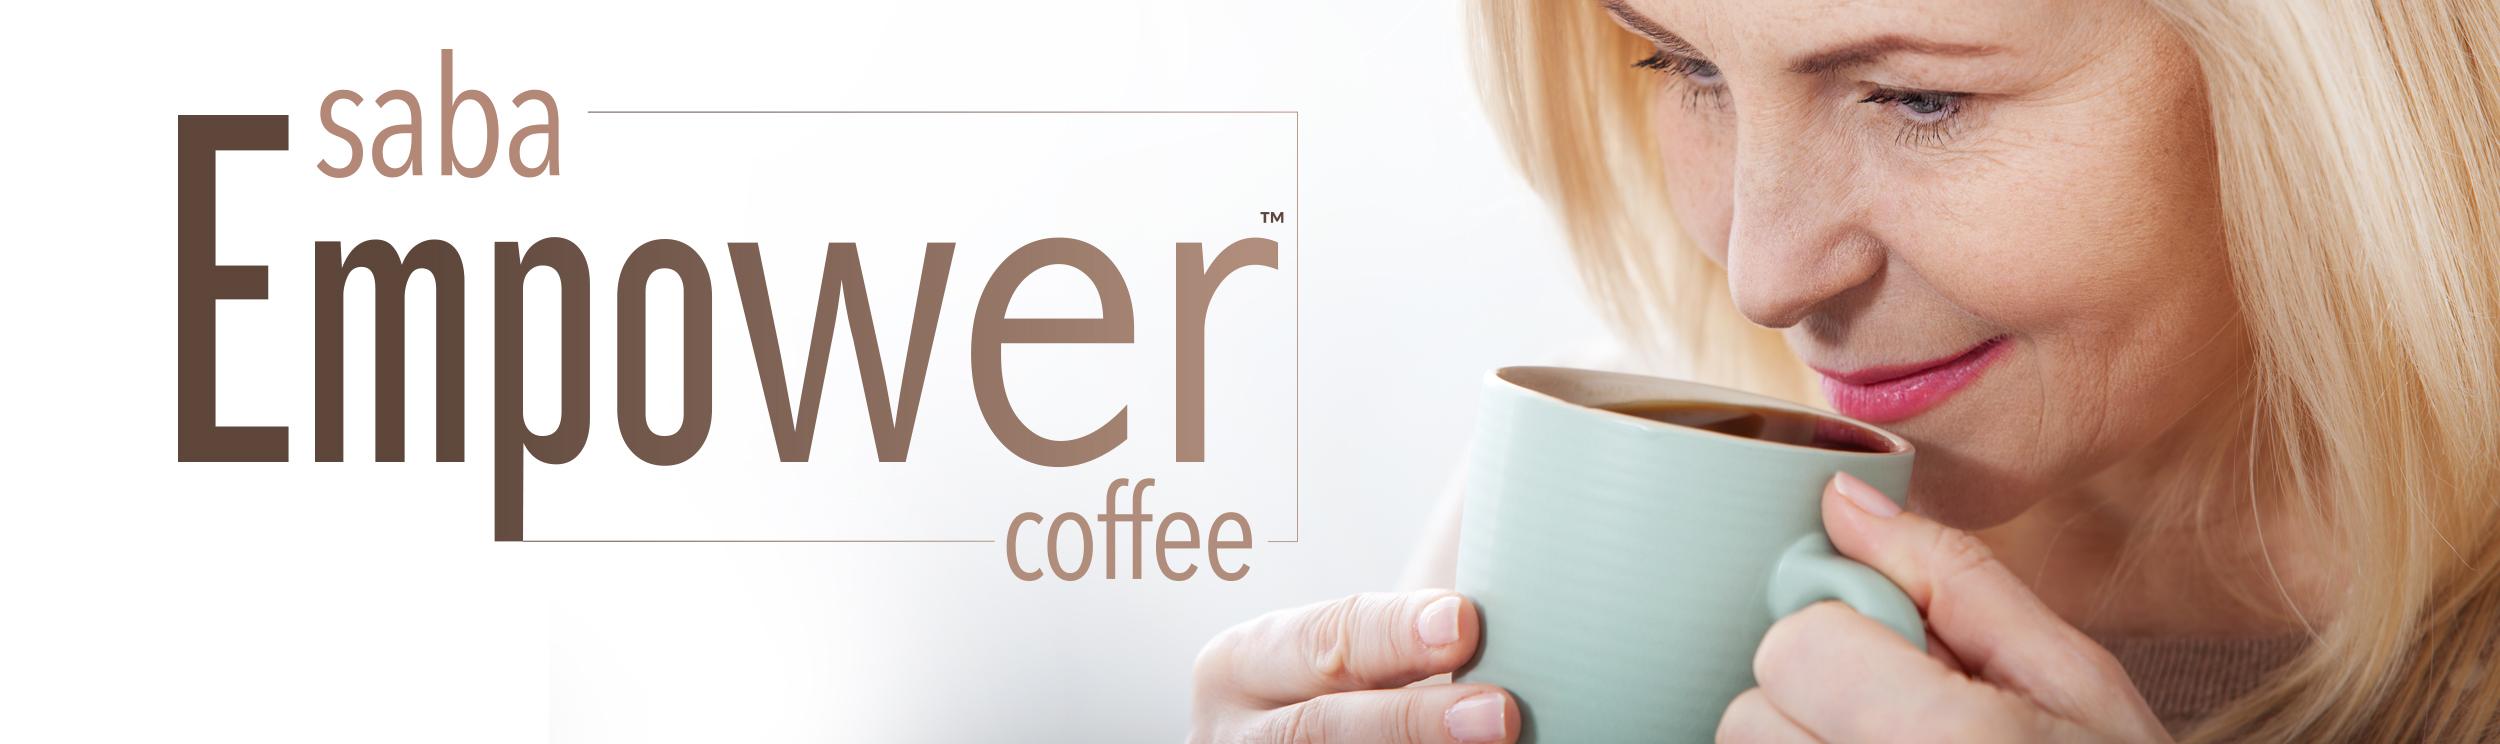 Empowersmartcoffeeolderladyeu